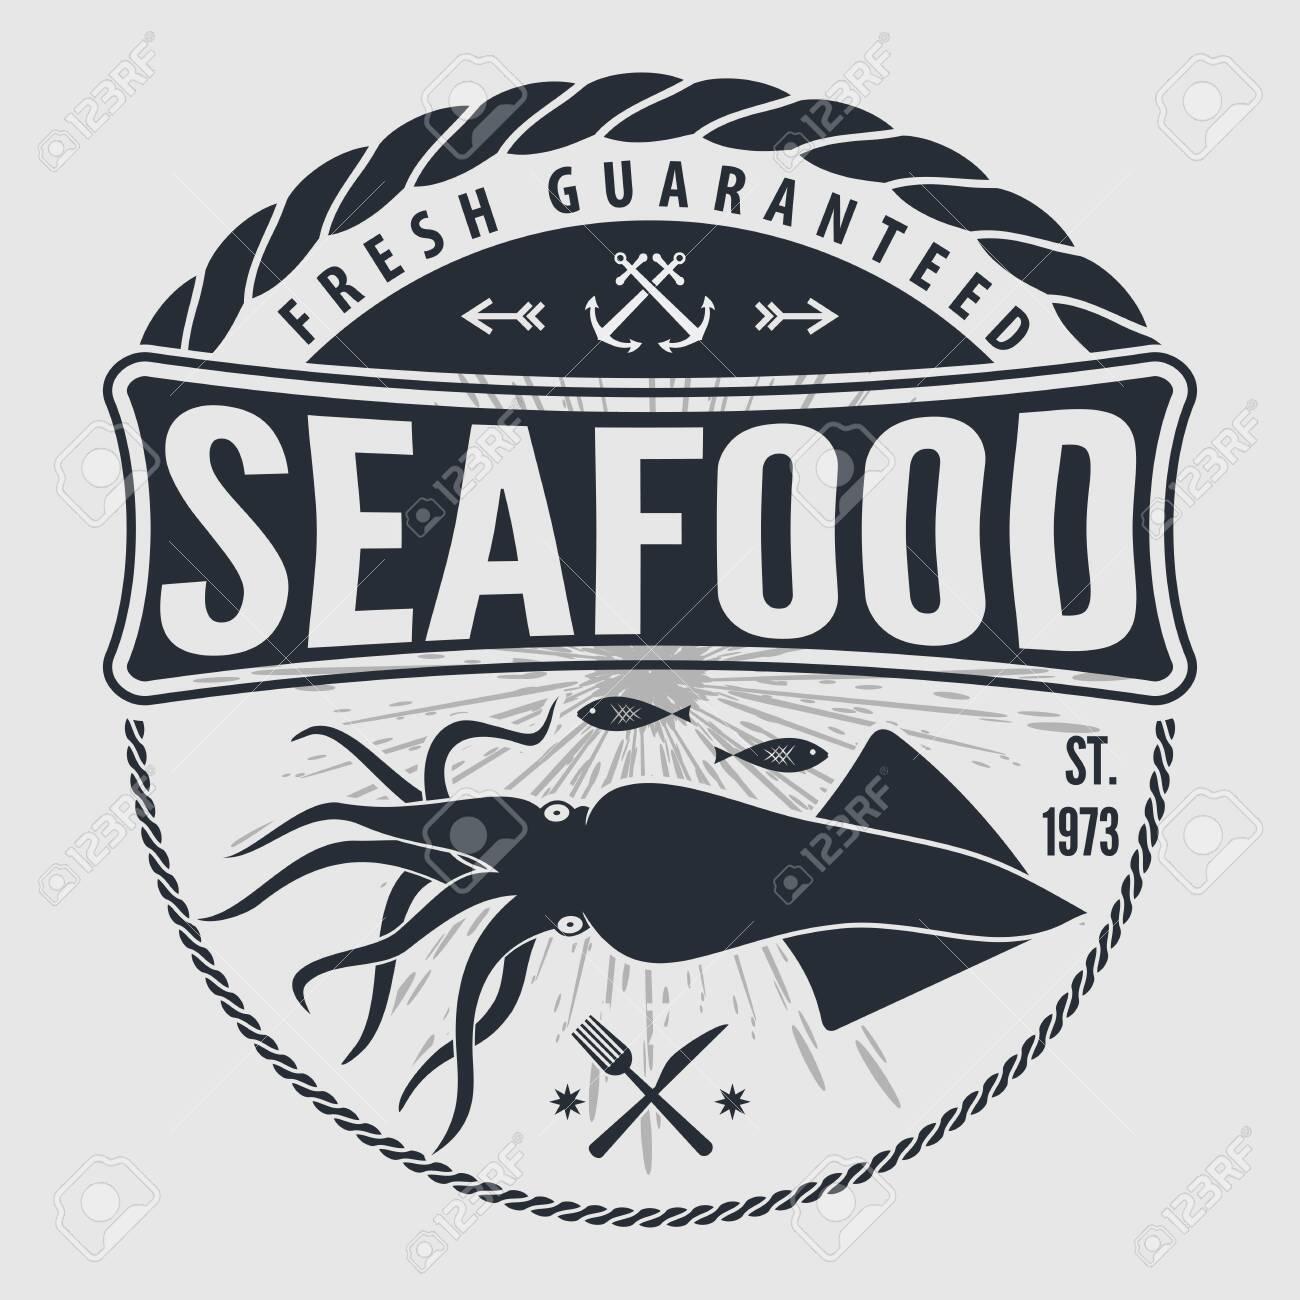 Seafood label, badge, emblem or logo for seafood restaurant, menu design element. Vector illustration - 123086070